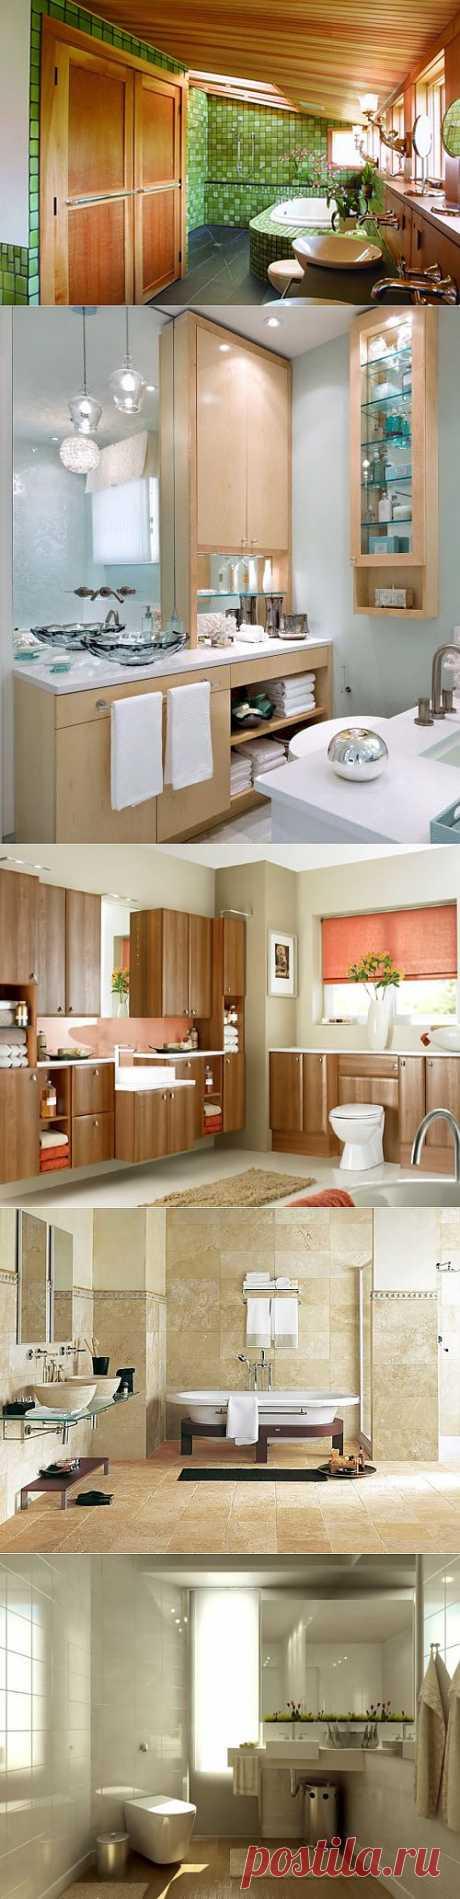 Перед началом ремонта ванной комнаты. 15 советов. | Наш уютный дом